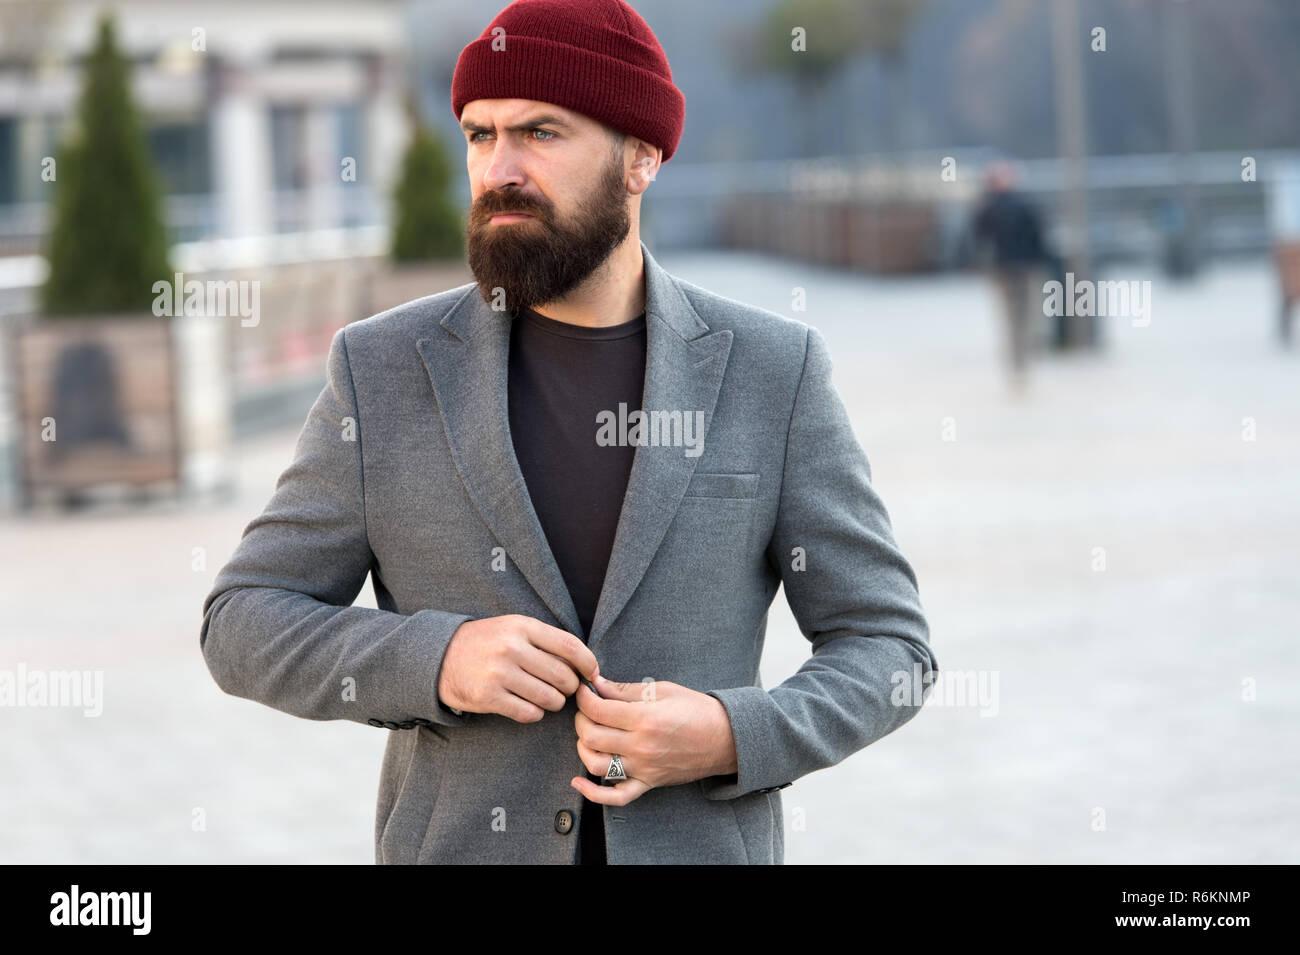 7116829bc938 Elegante Abito casual per autunno e inverno. Abbigliamento uomo maschio ed  un concetto di moda. Uomo Barbuto hipster elegante Cappotto alla moda.